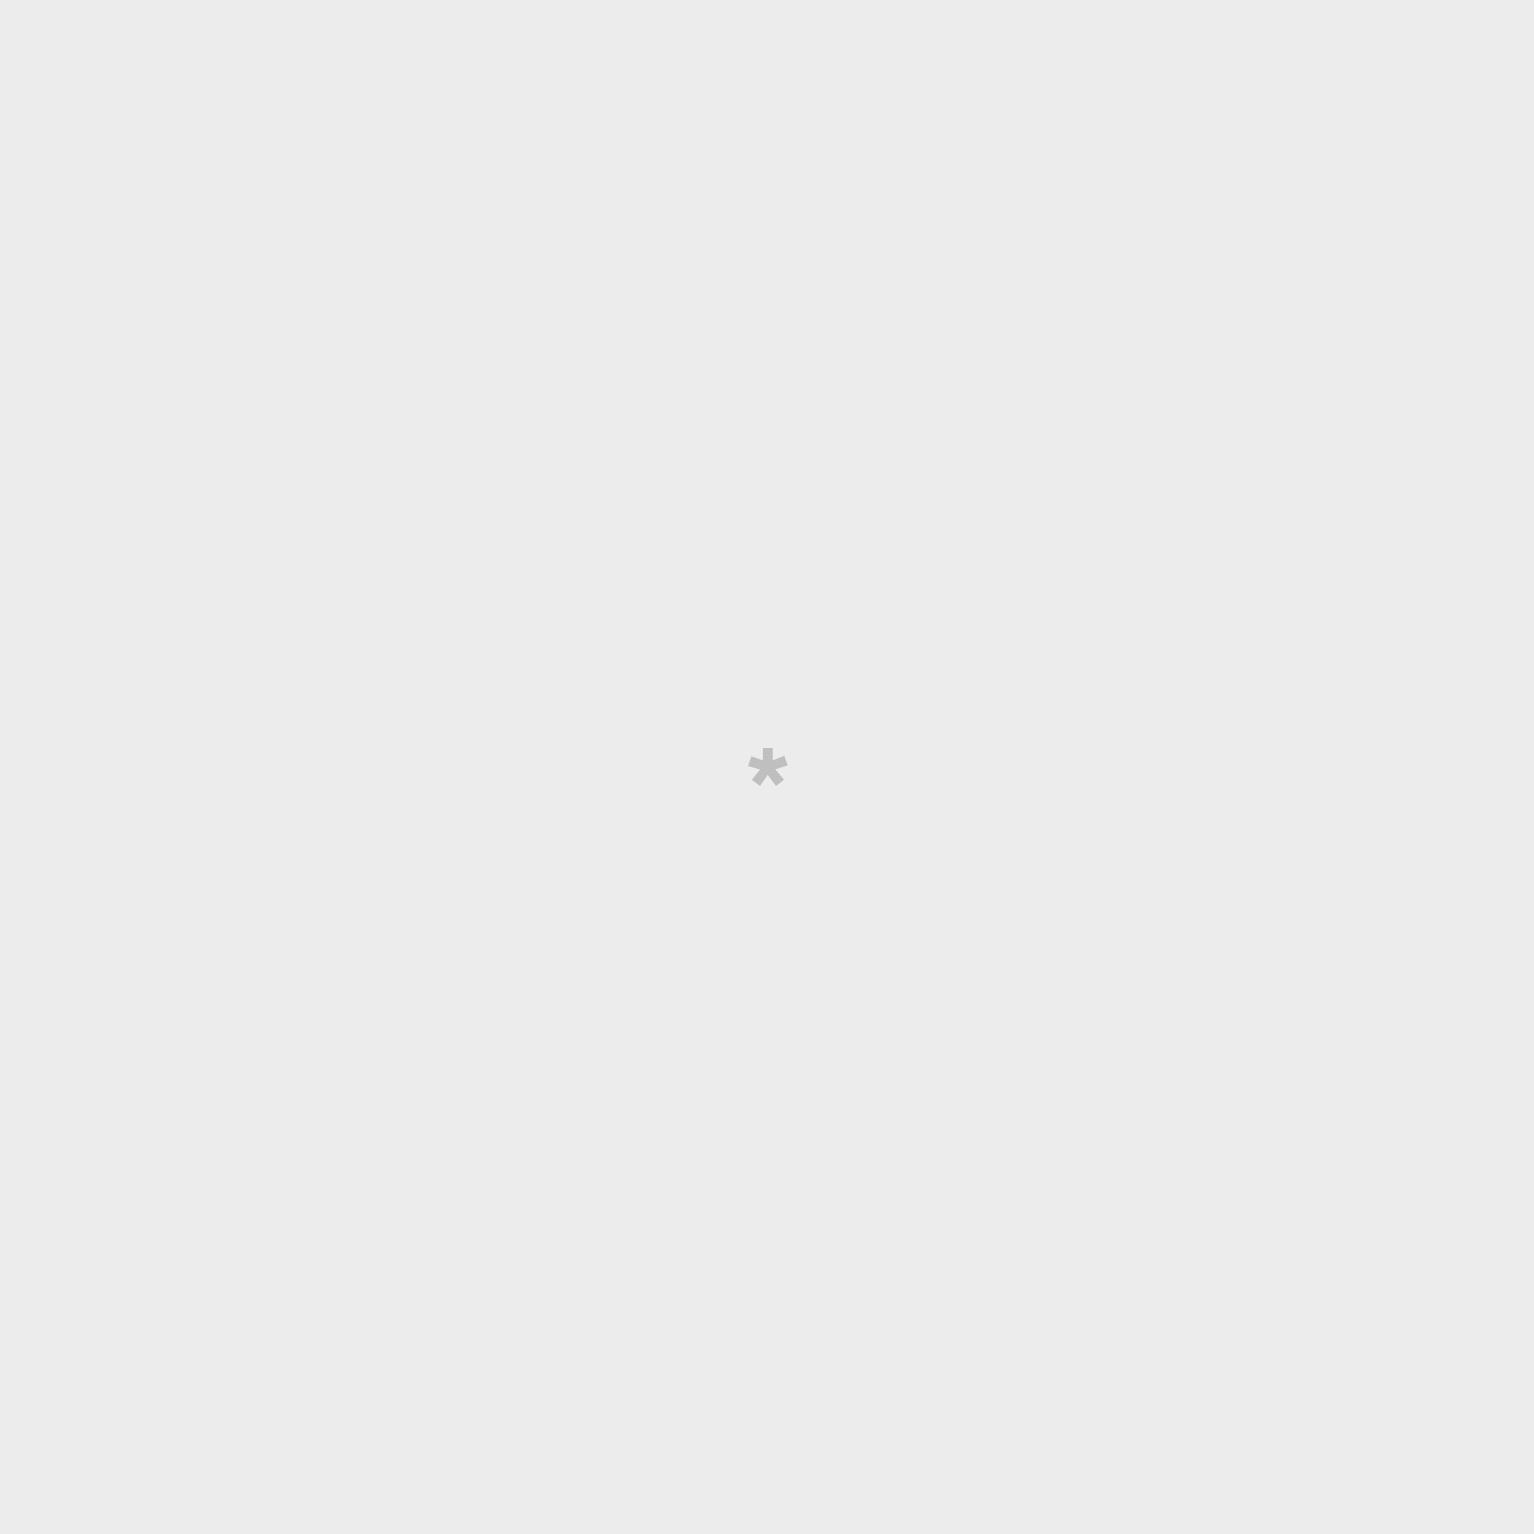 Diario scolastico classico 2021-2022 Settimanale - Ogni giorno è un gran giorno